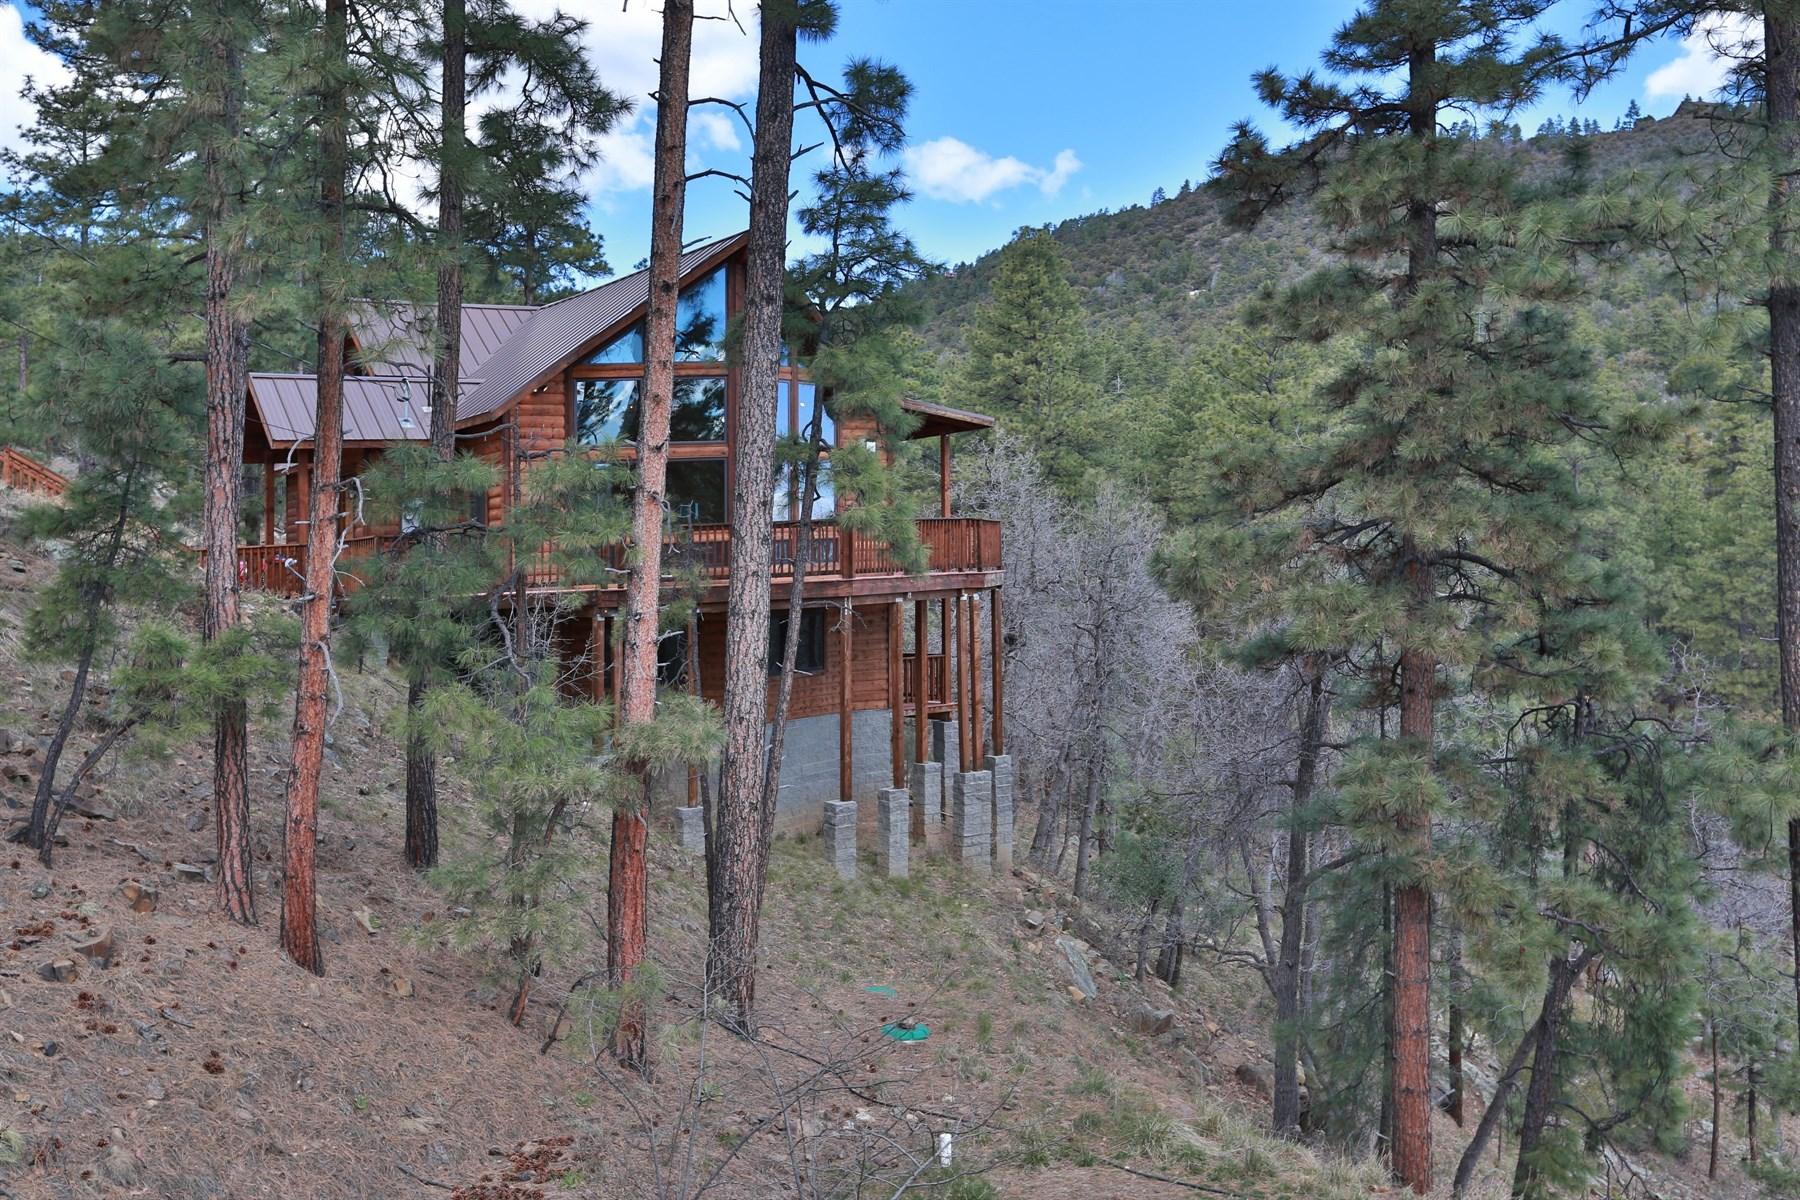 Einfamilienhaus für Verkauf beim Hillside pine wood home in Walker with breathtaking views 5594 S Morning Star Ln Prescott, Arizona, 86303 Vereinigte Staaten